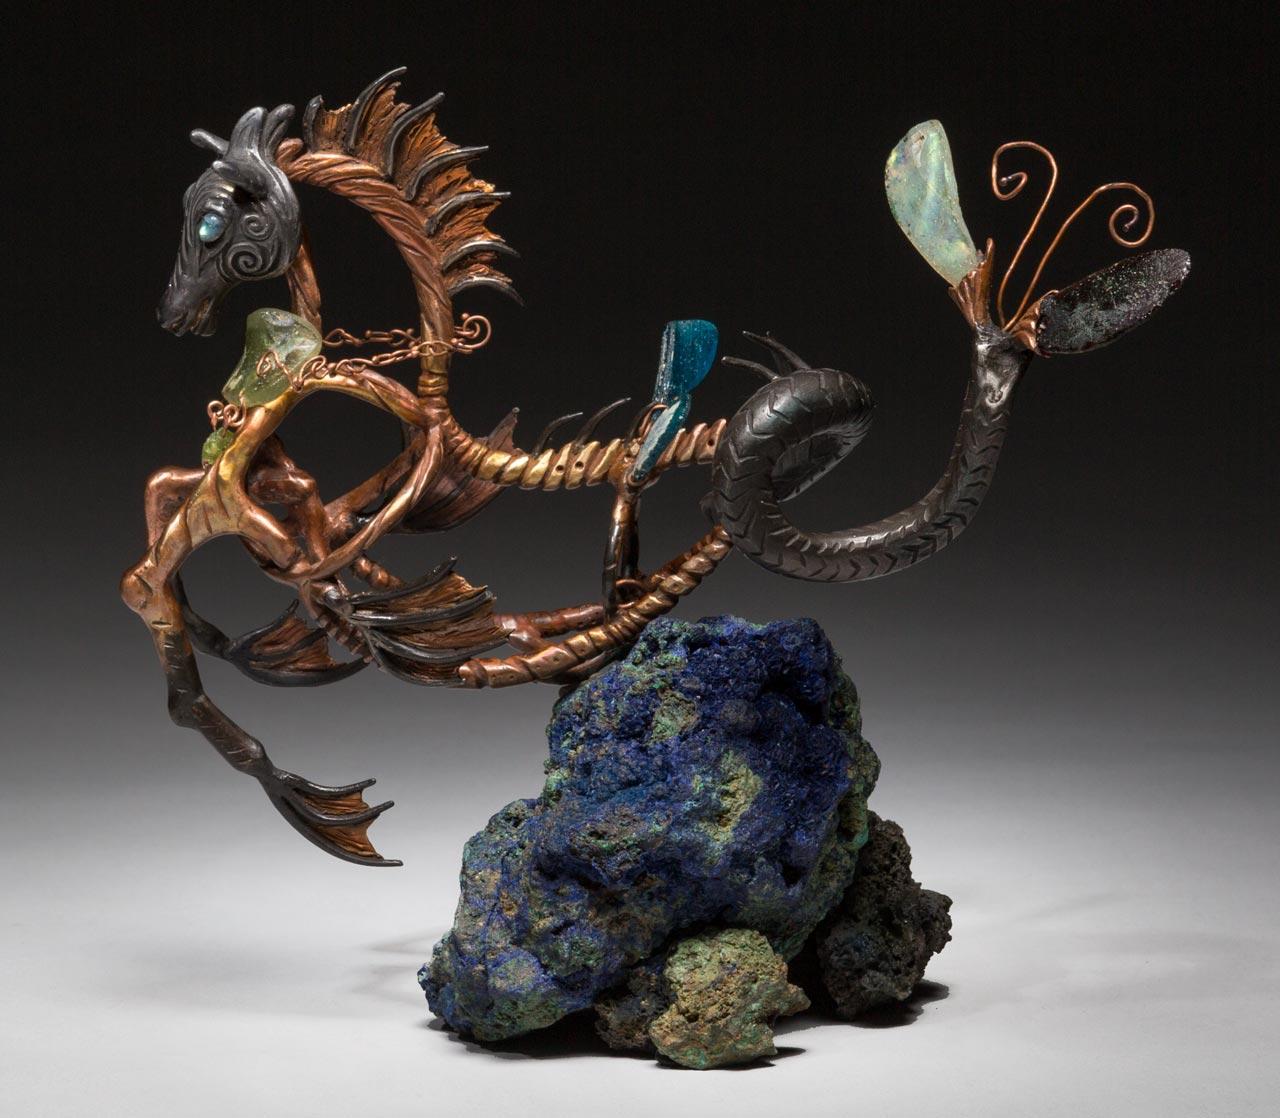 metal sculpture: neptune